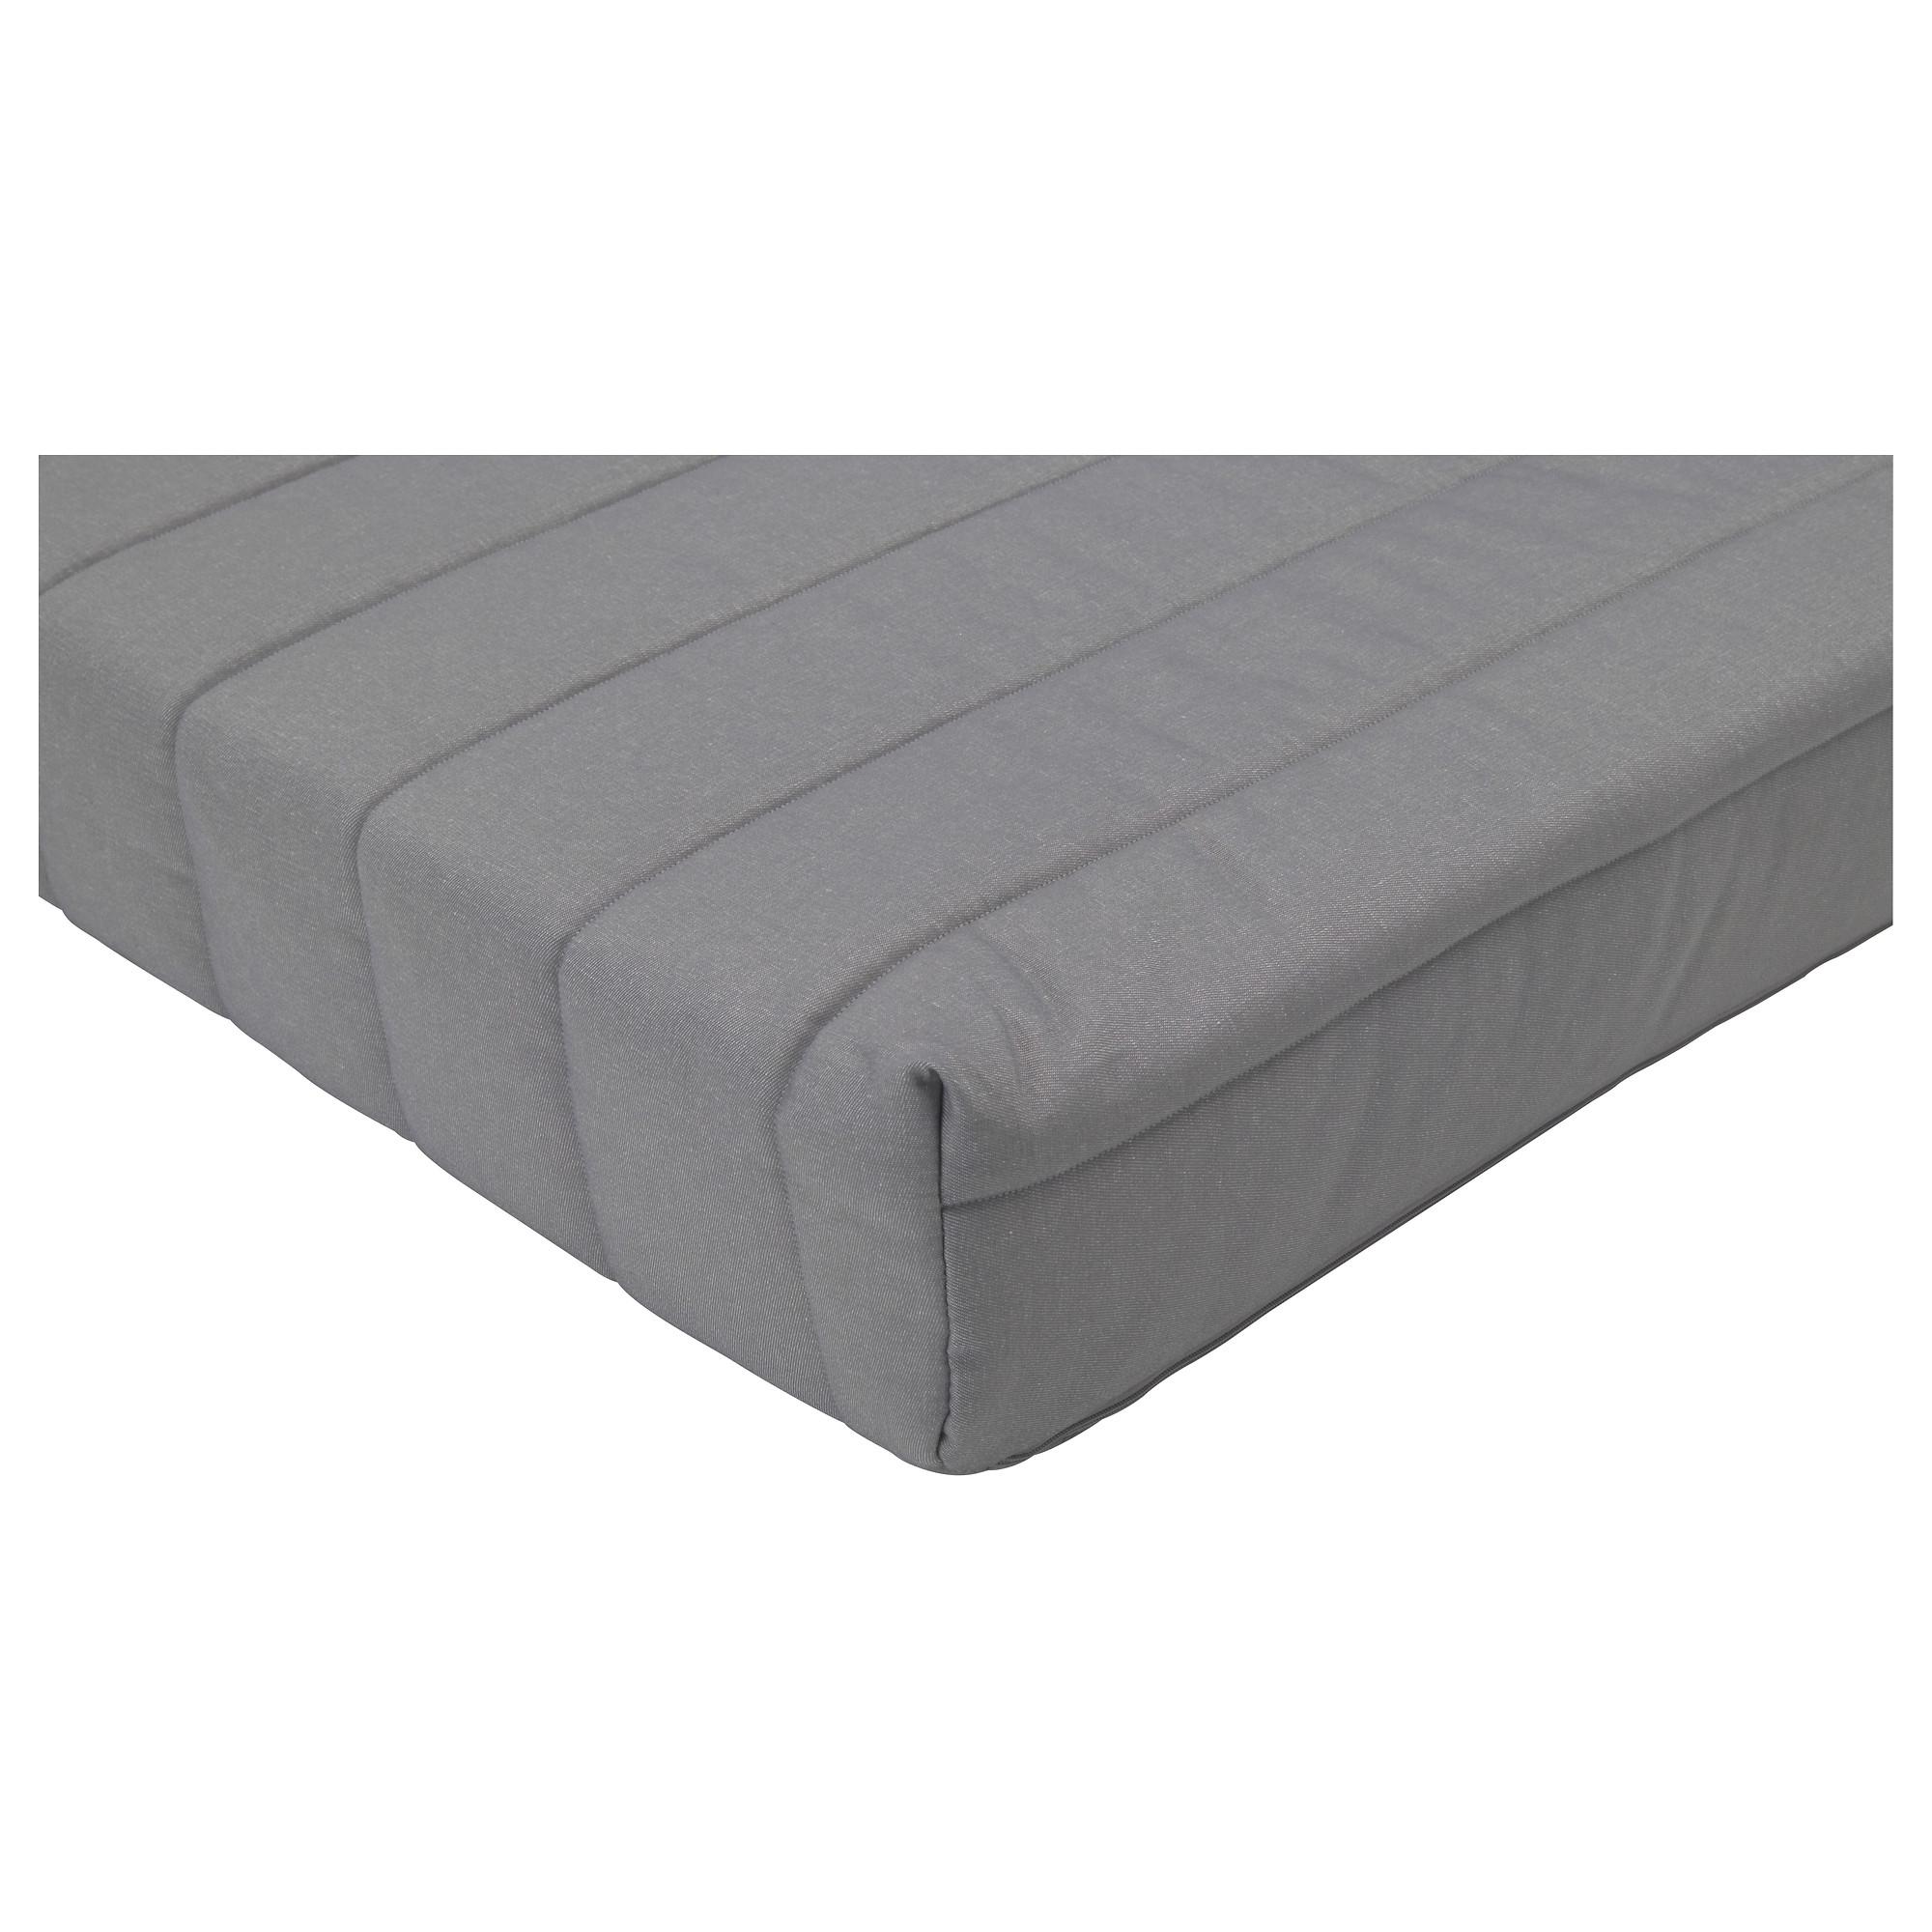 Beddinge l v s colch n espuma firme para sof cama for Colchon para sofa cama